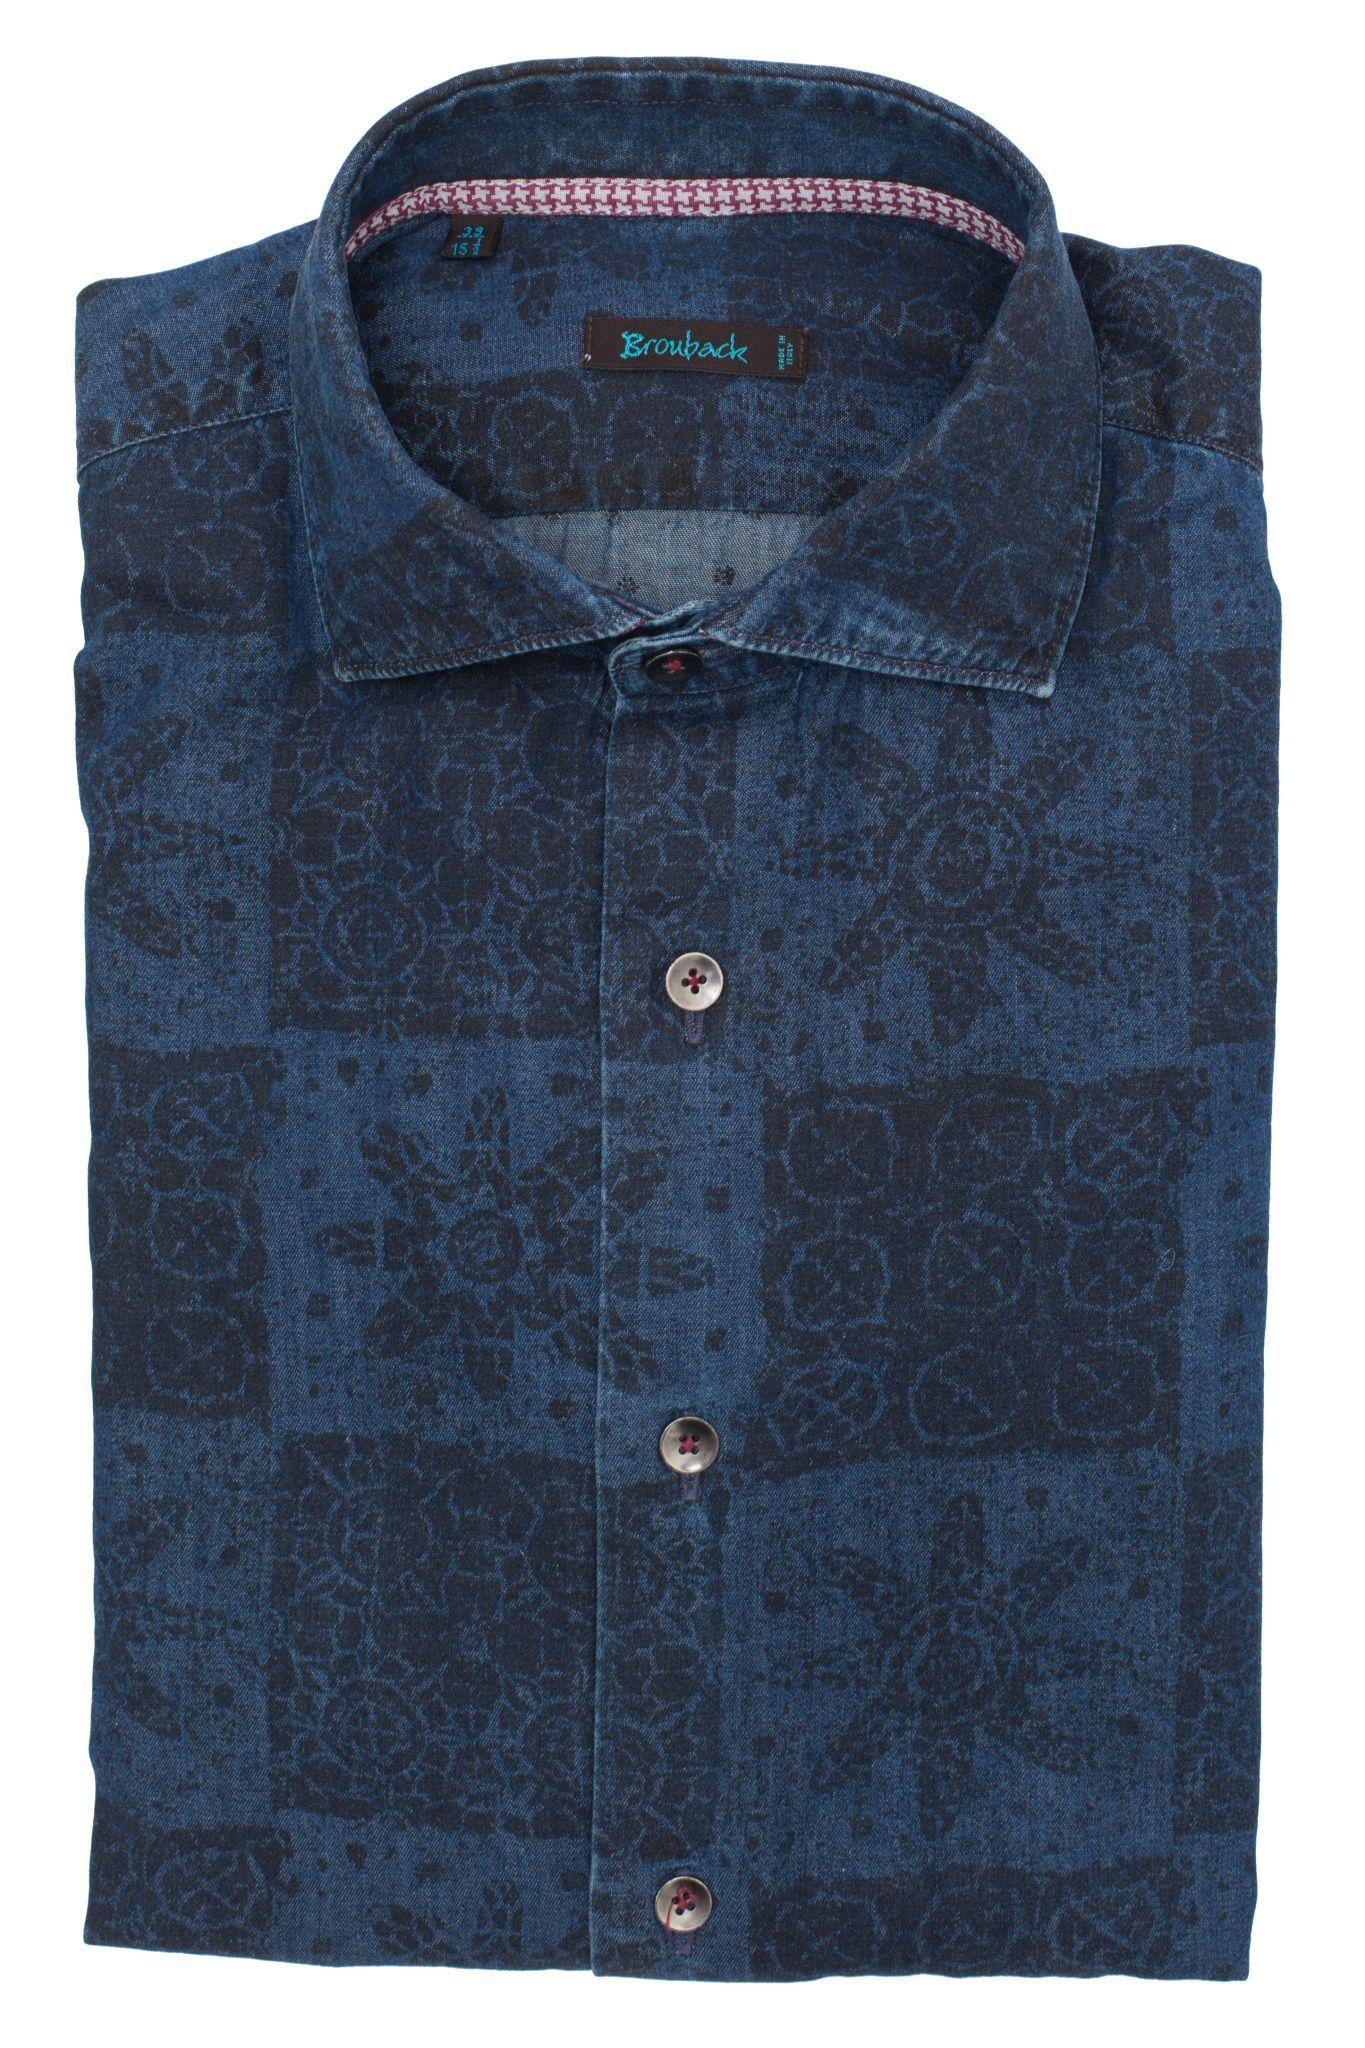 Тёмно-синяя рубашка с принтами